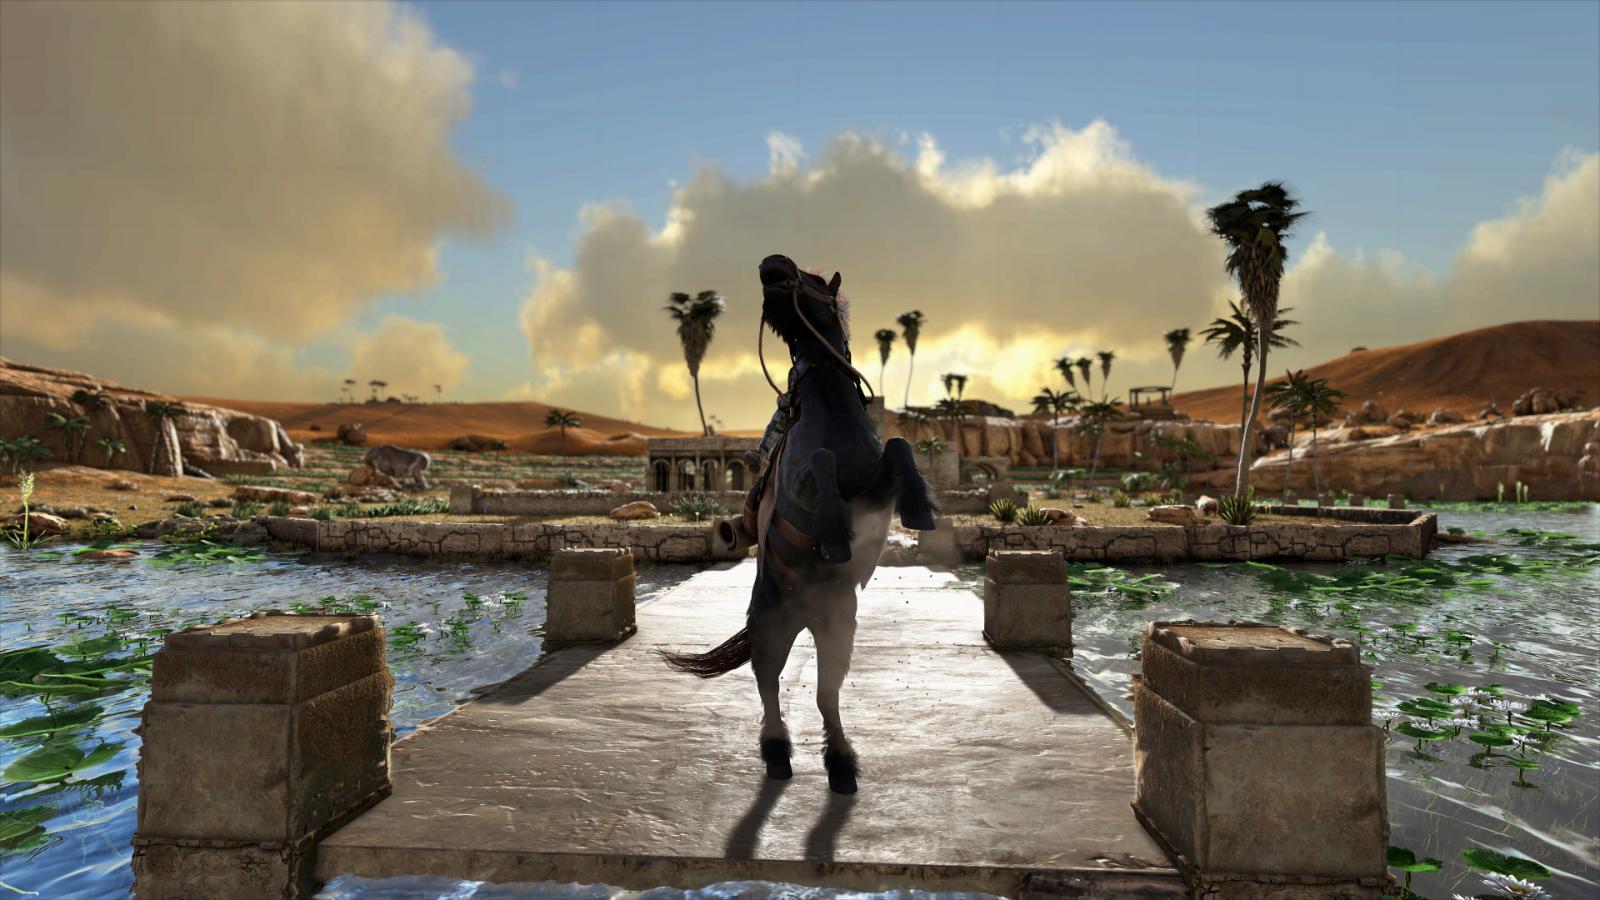 large.5a596eafd10db_WolfAngelus-ArabianNights-8x.jpg